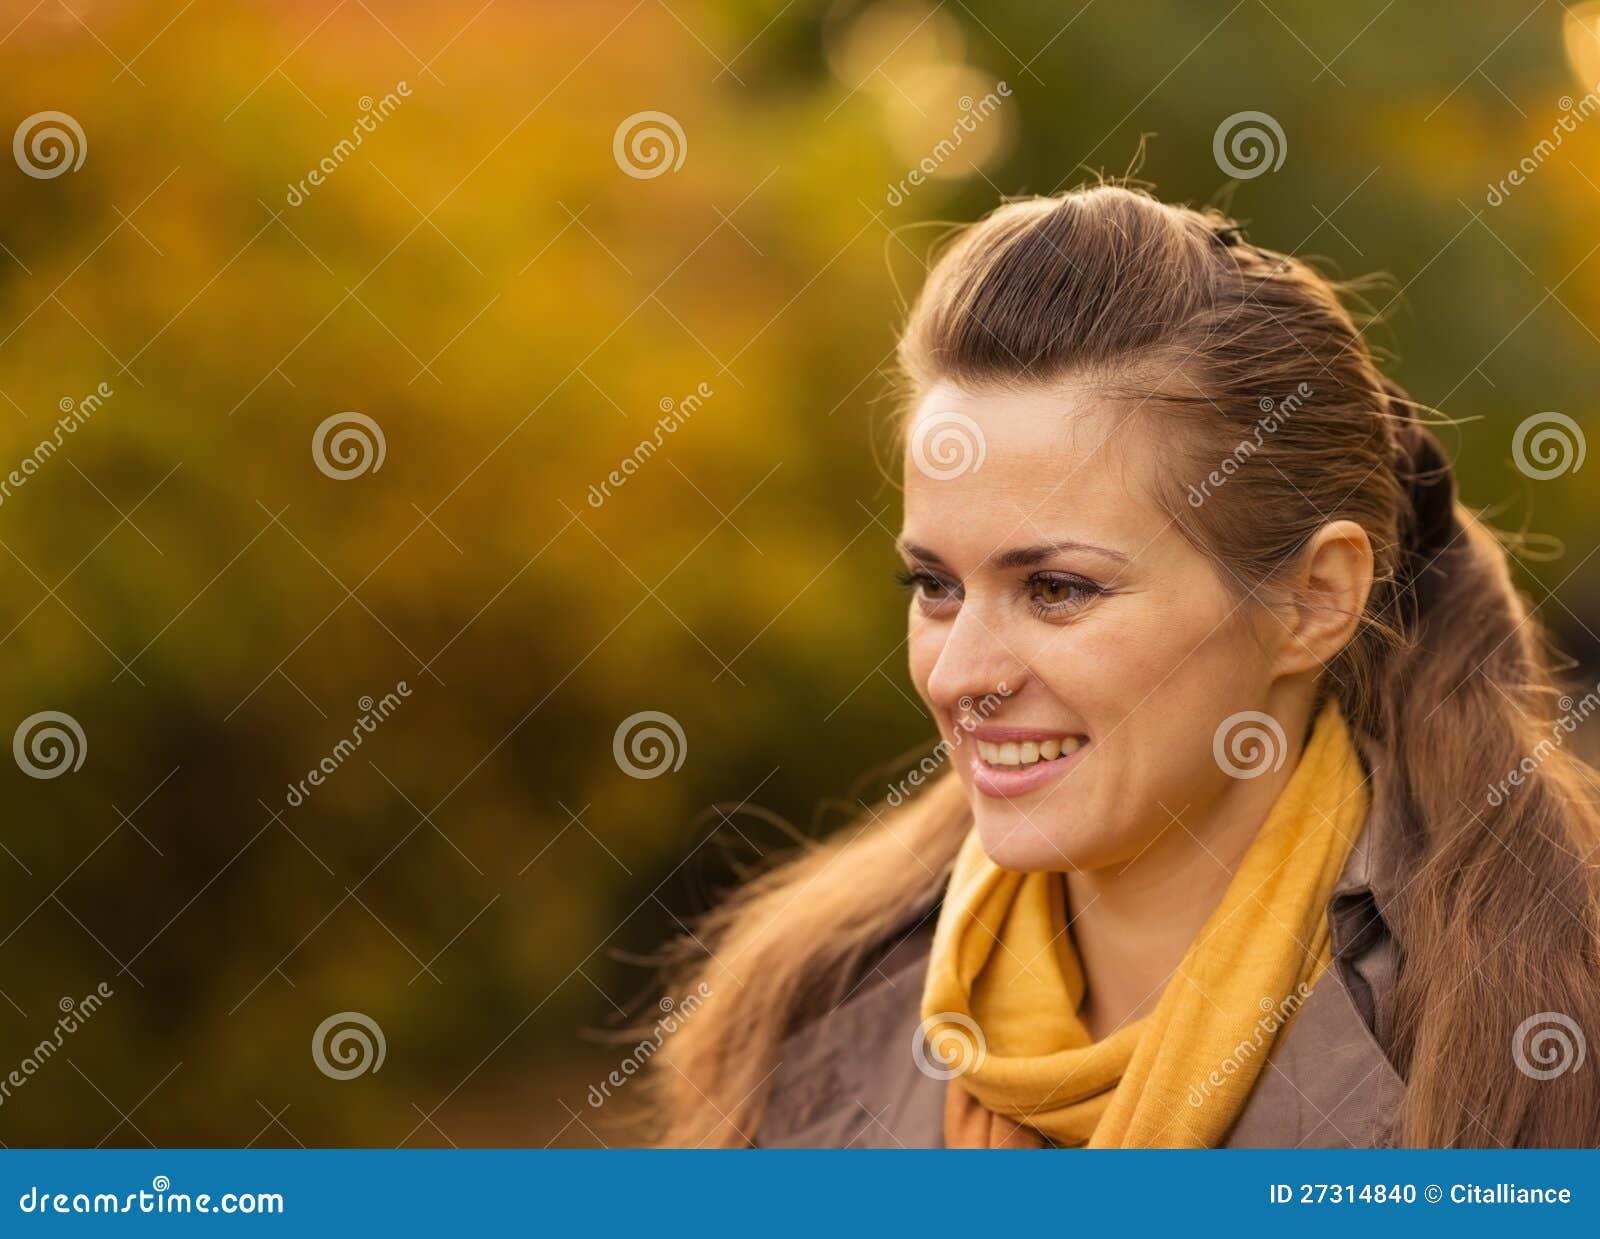 Portretten van gelukkige jonge vrouw in openlucht